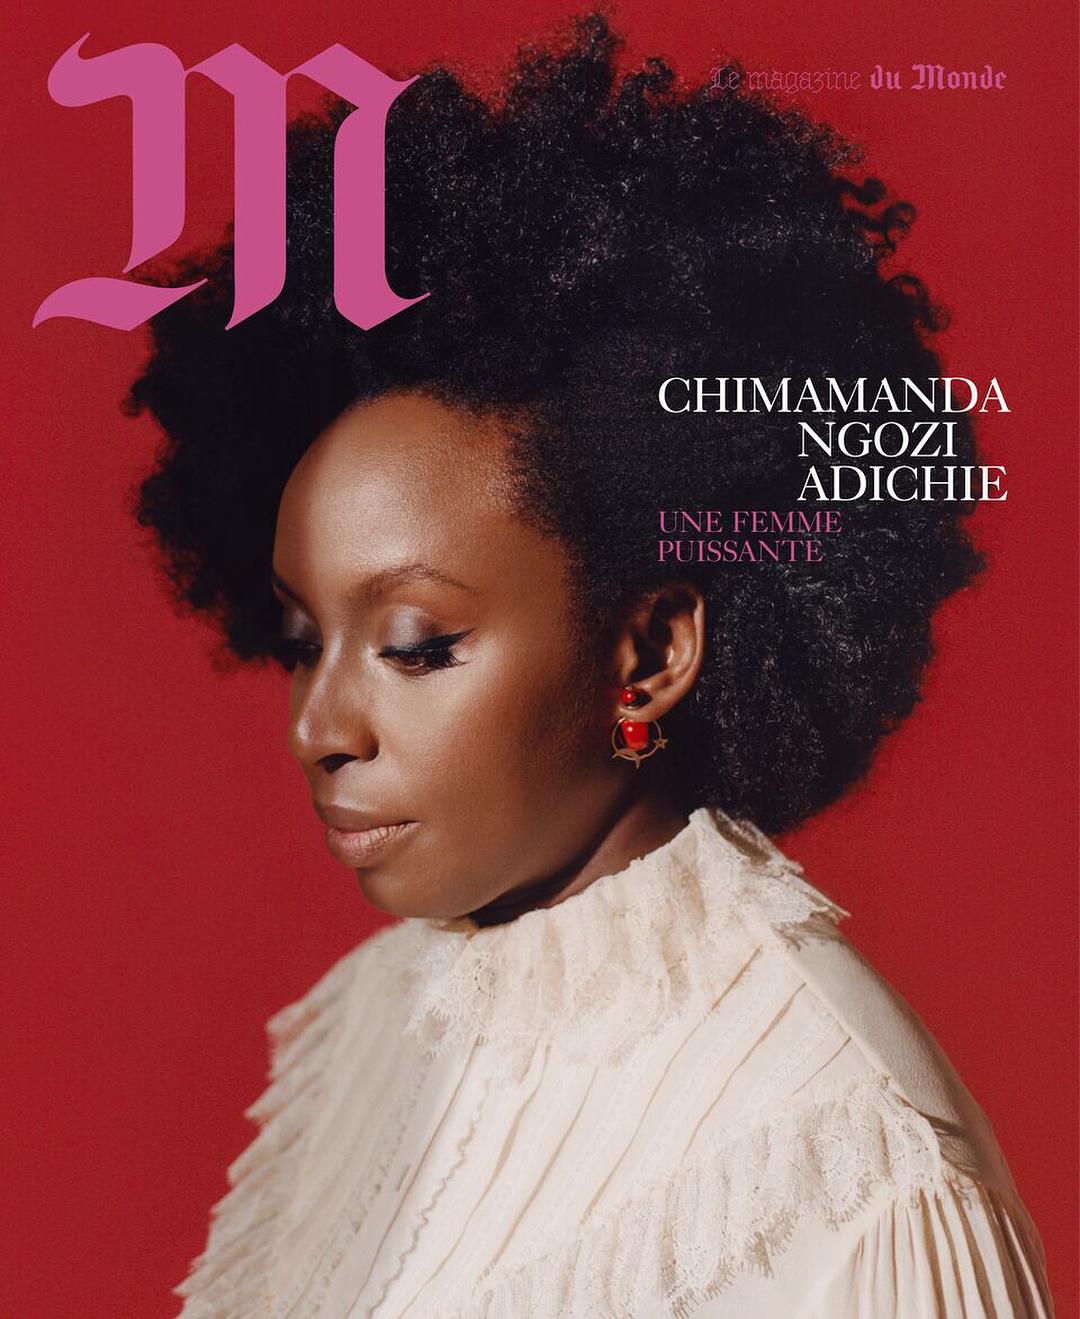 chimamanda-adichie-m-magazine-cover-style-rave